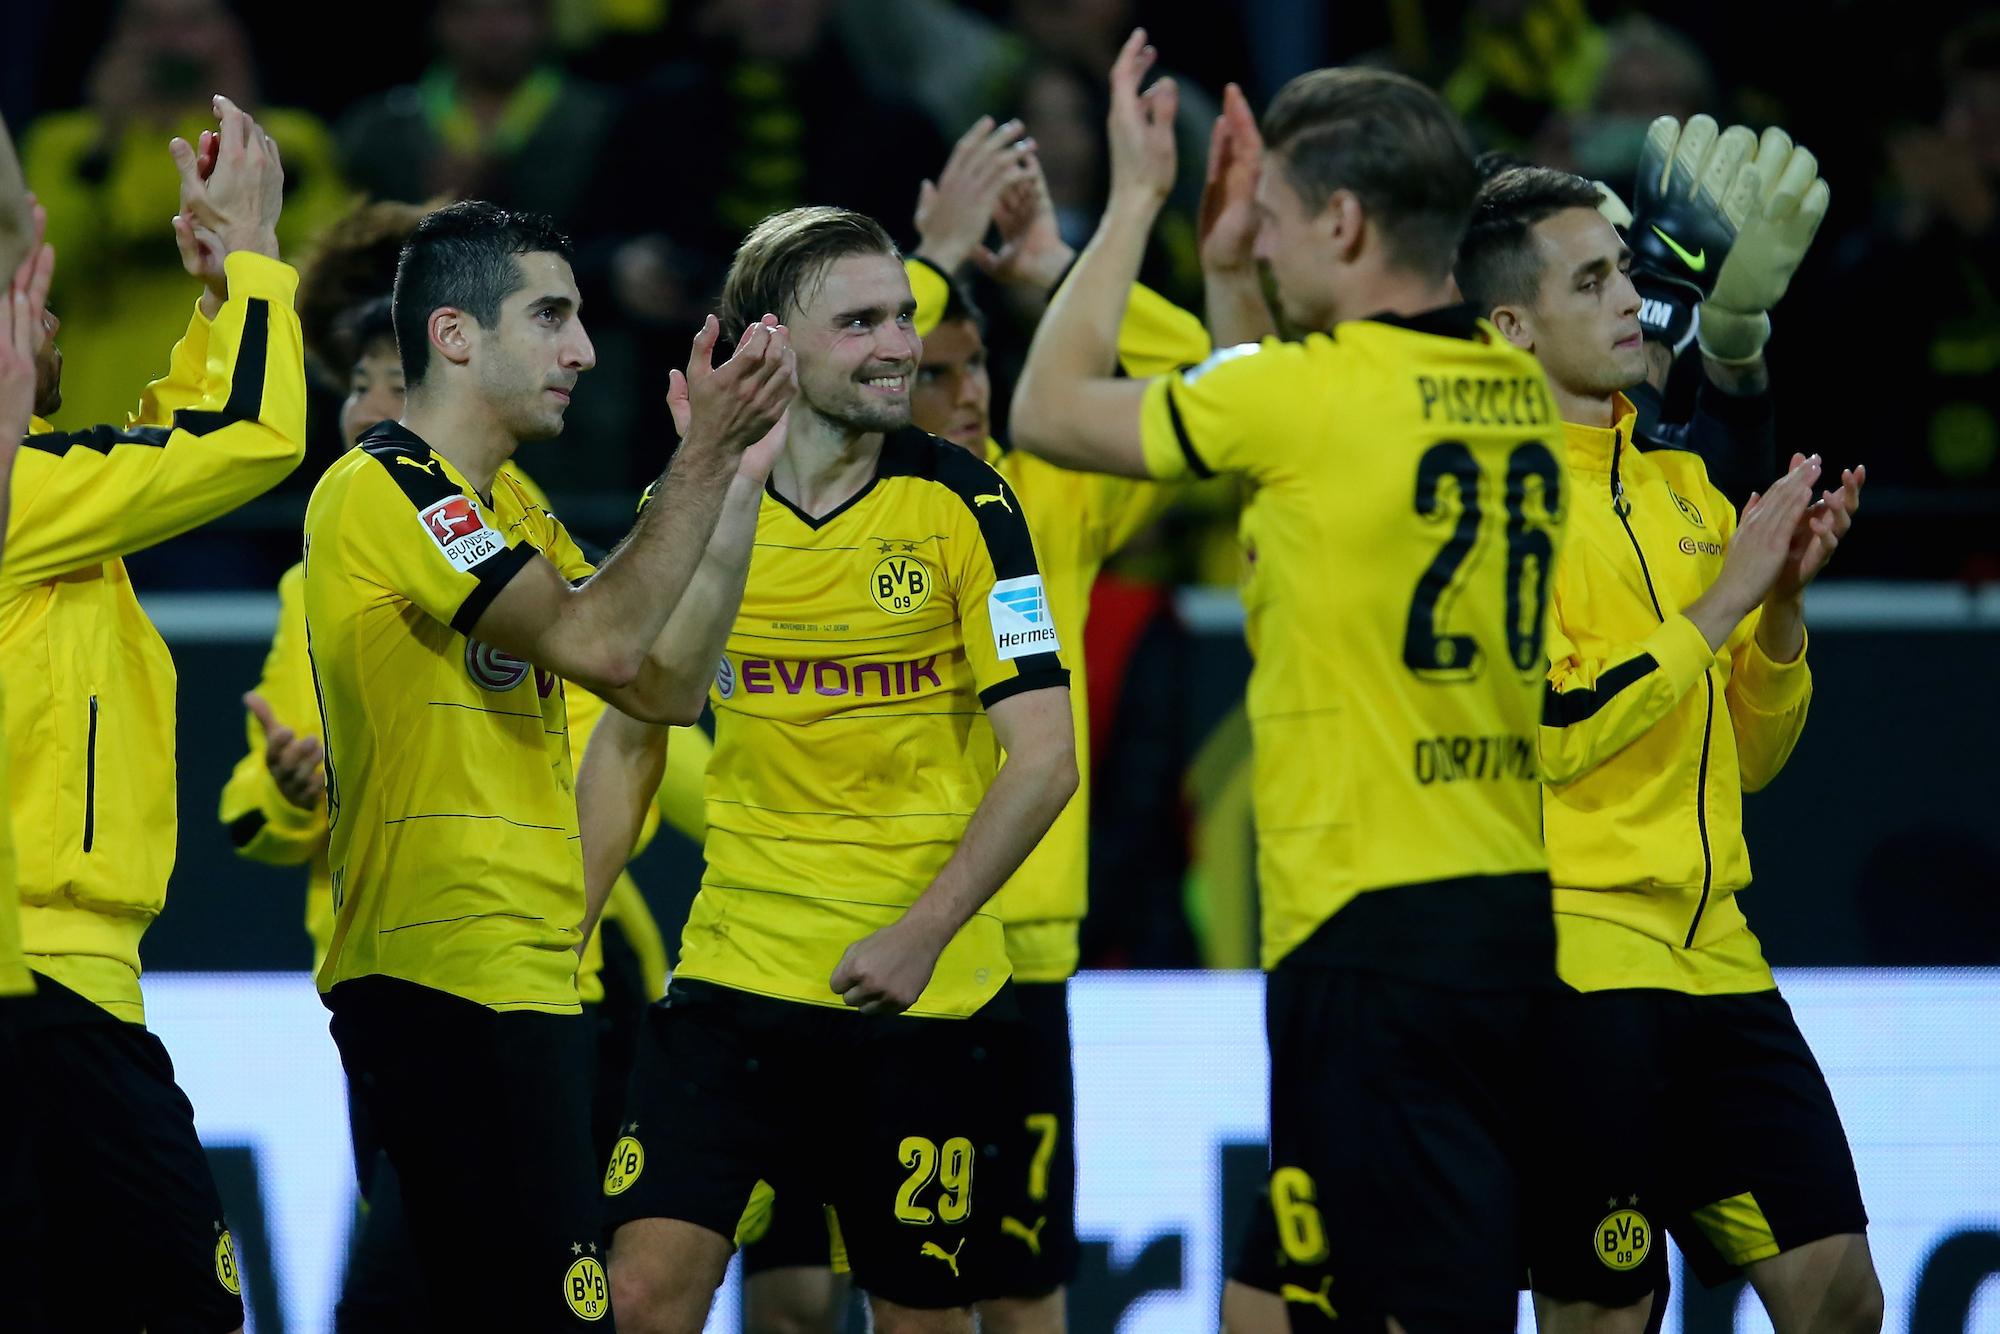 Il Borussia ha vinto 6 delle ultime 7 partite giocate ed è in grande forma